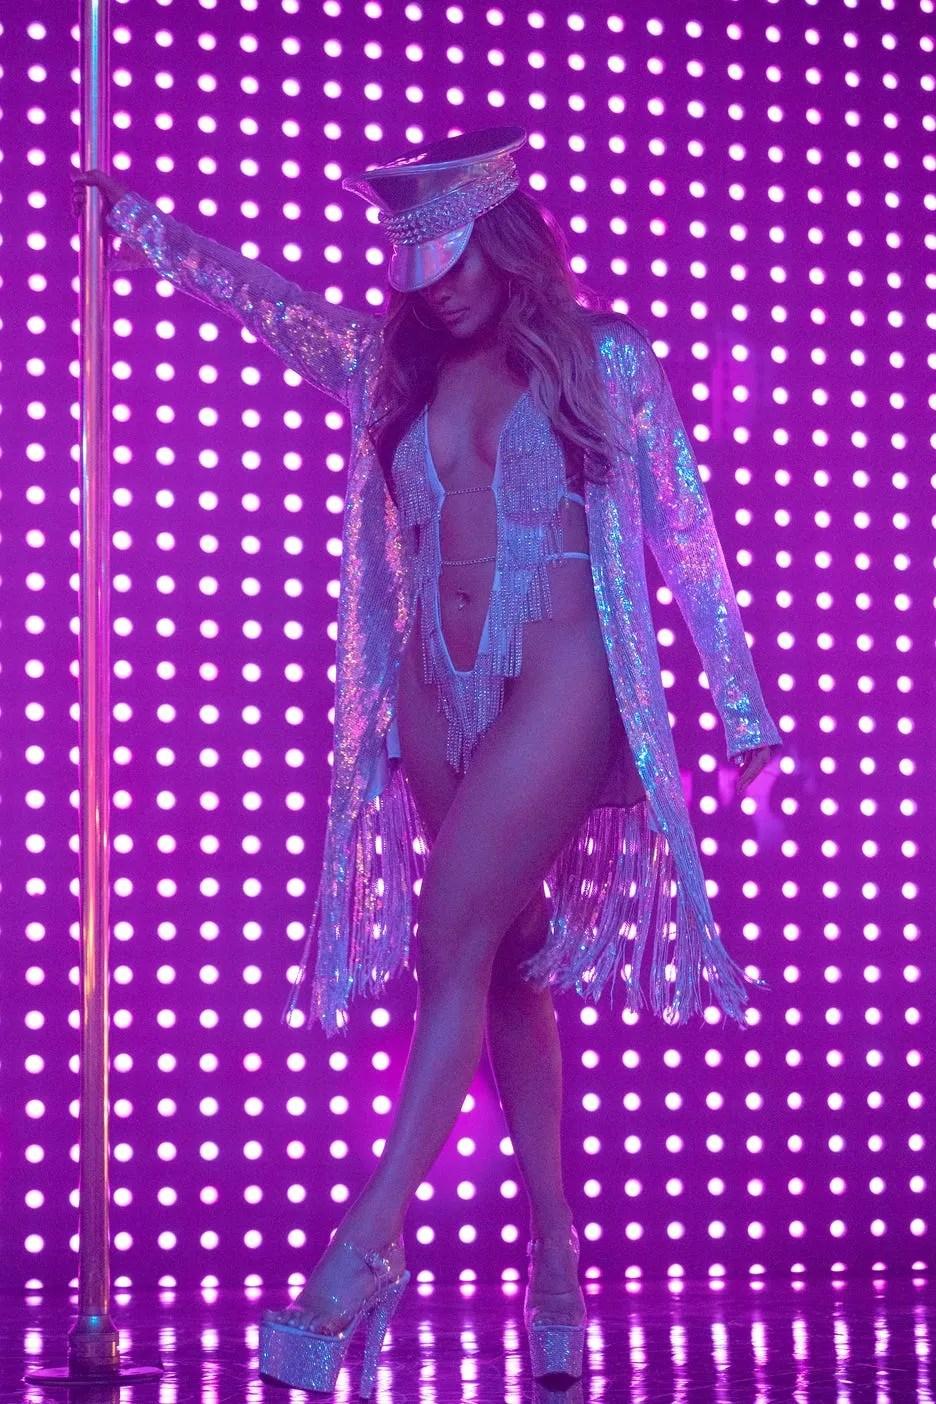 Oscar Nominations Biggest Snubs Include Jennifer Lopez